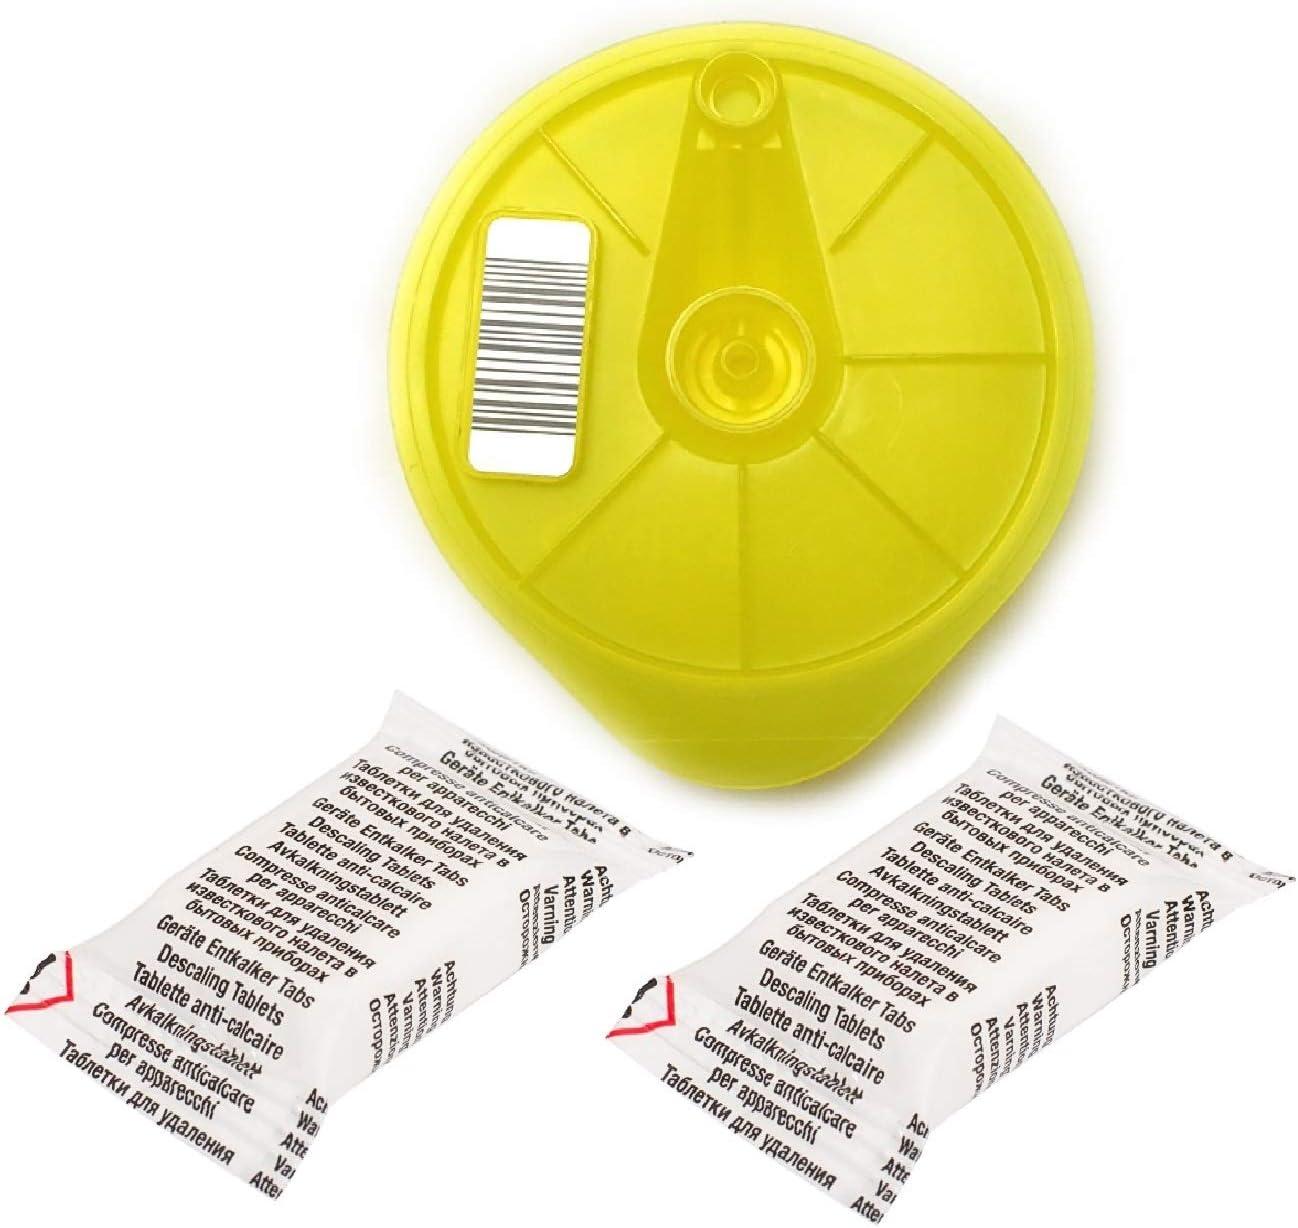 BOSCH - T-disk - 17001490: Amazon.es: Hogar